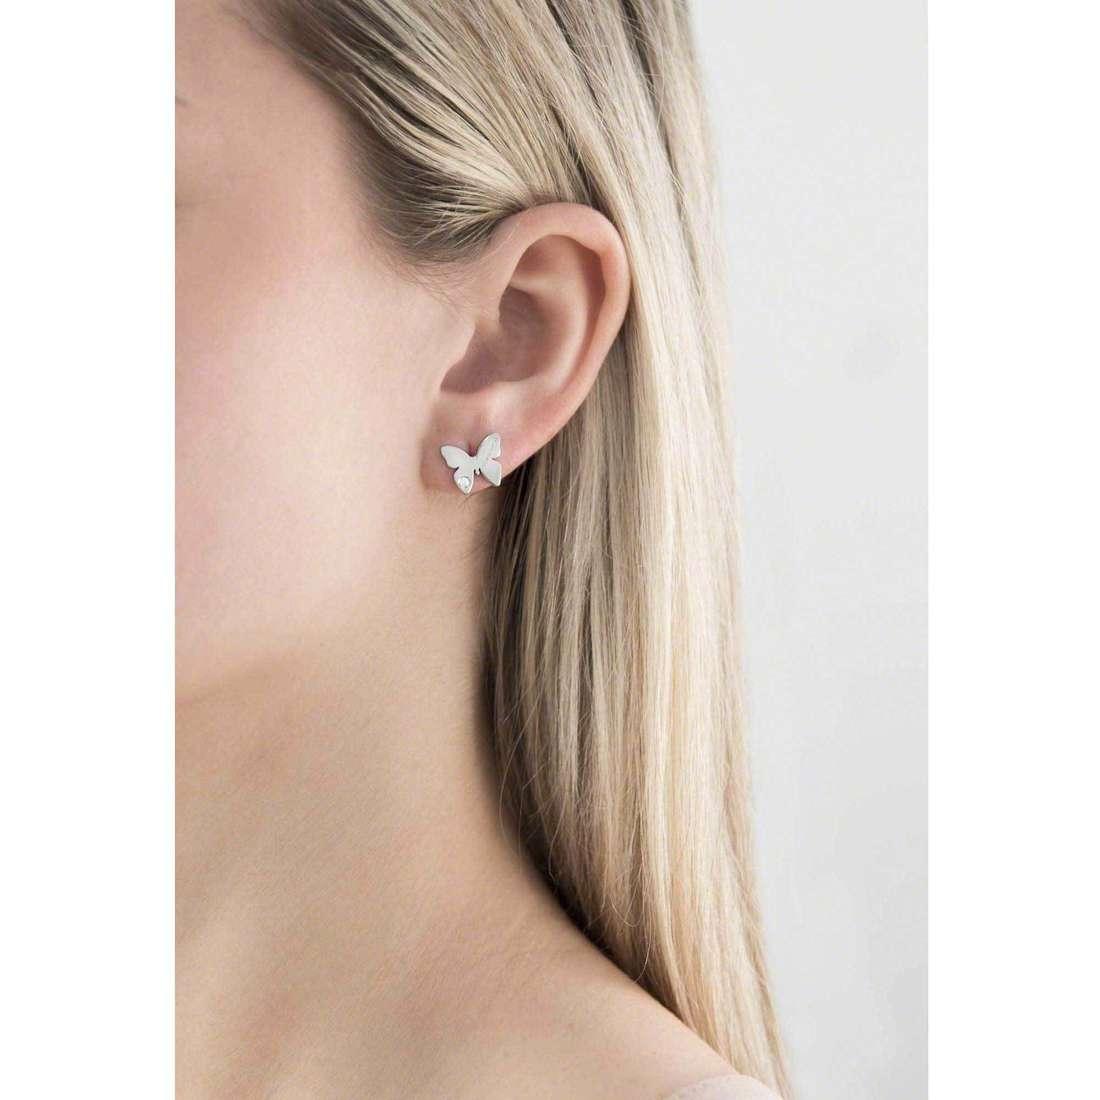 Nomination earrings Butterfly woman 021308/001 photo wearing